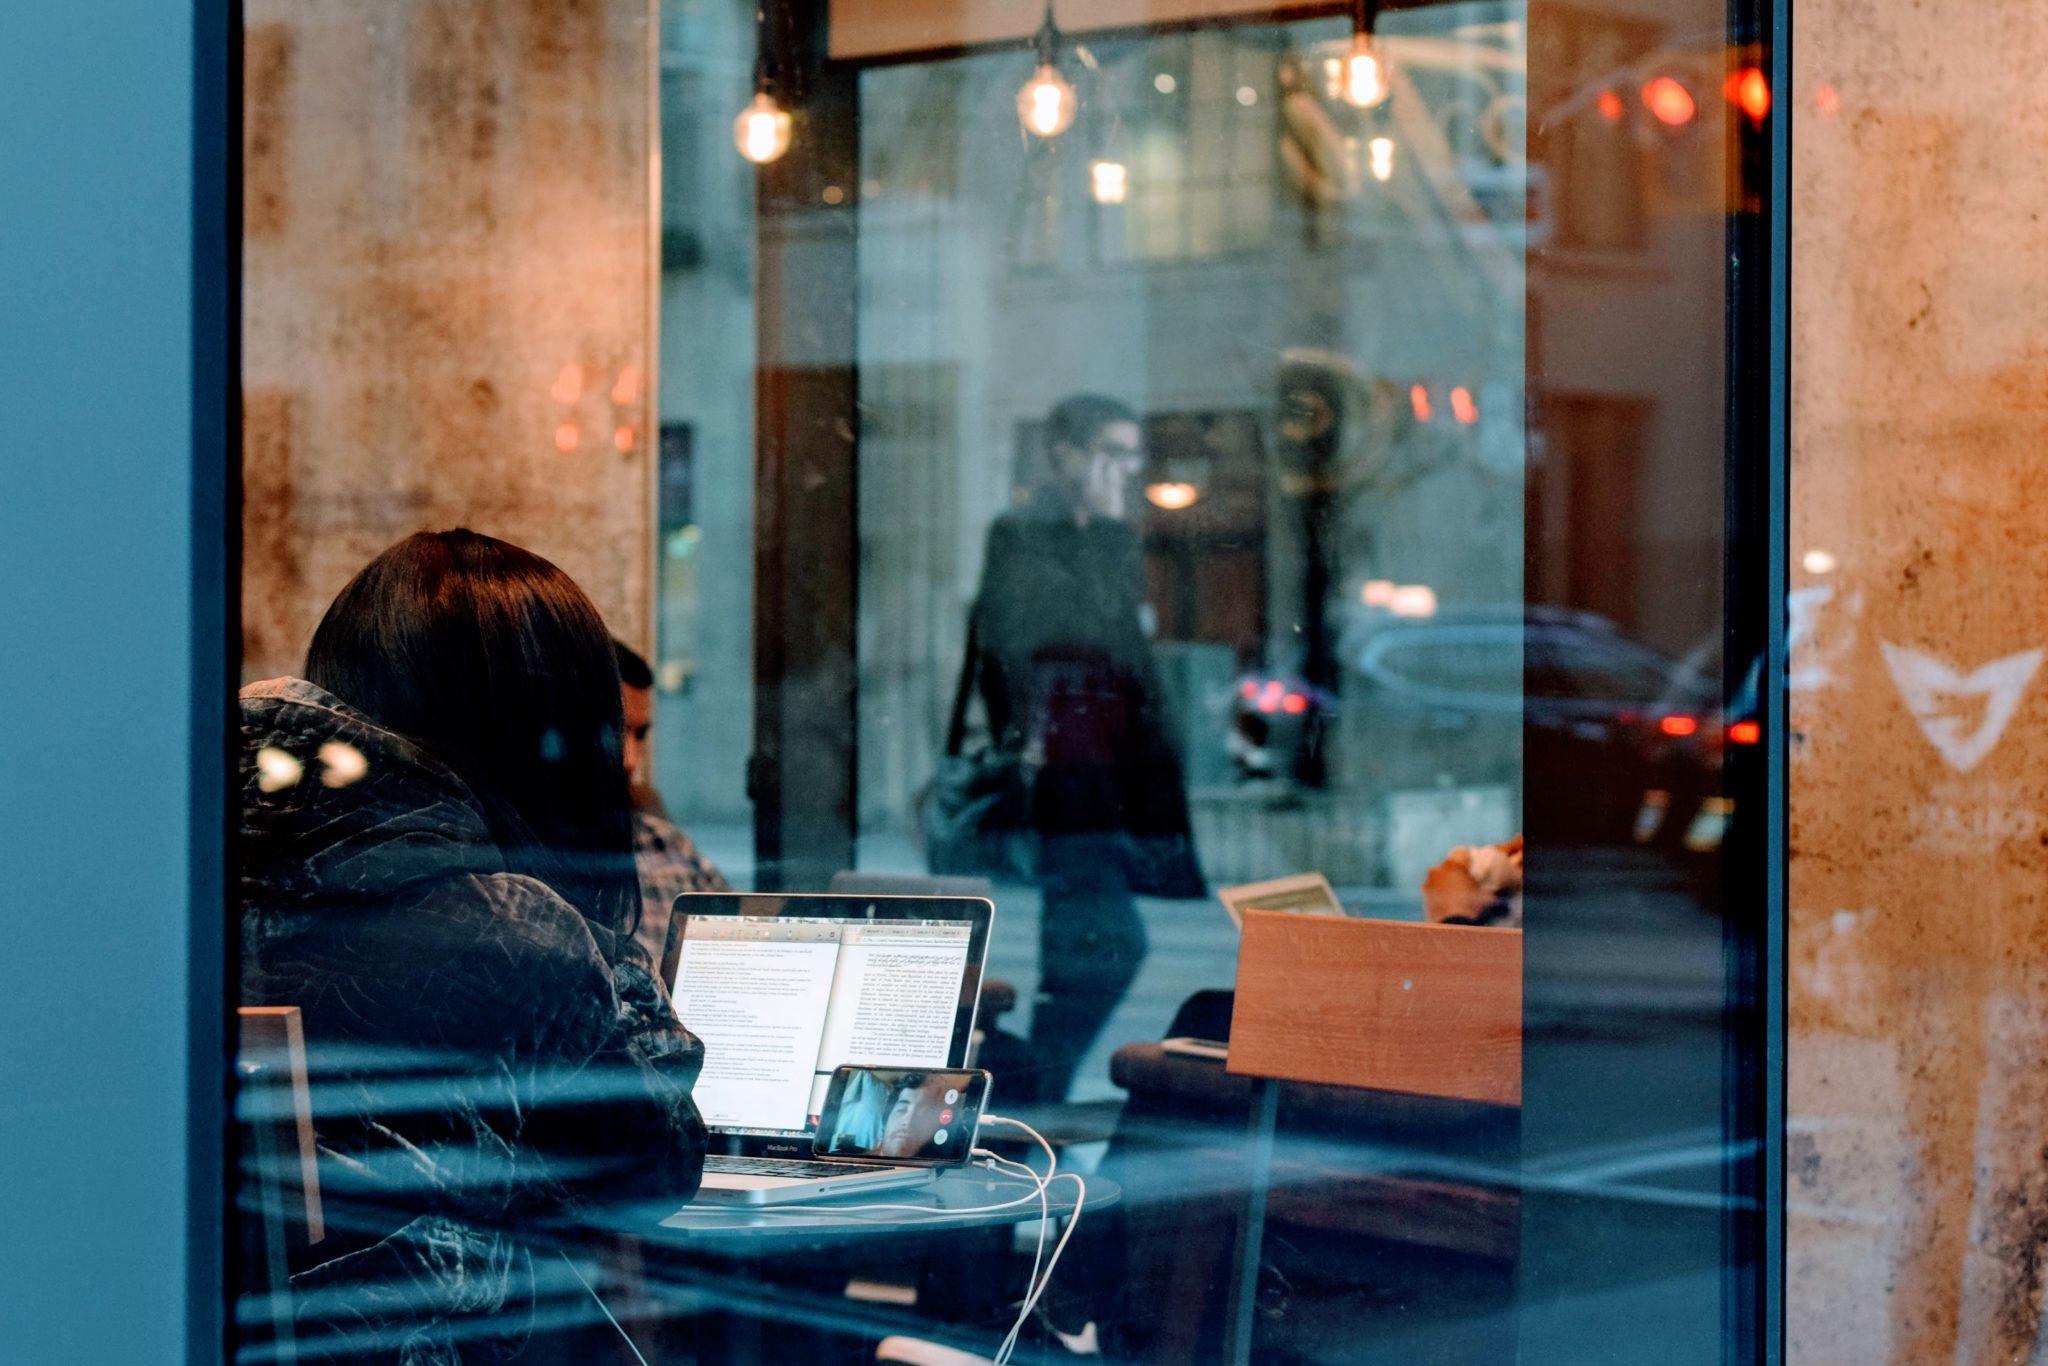 persona en un bar con su ordenador haciendo una reclamación laboral